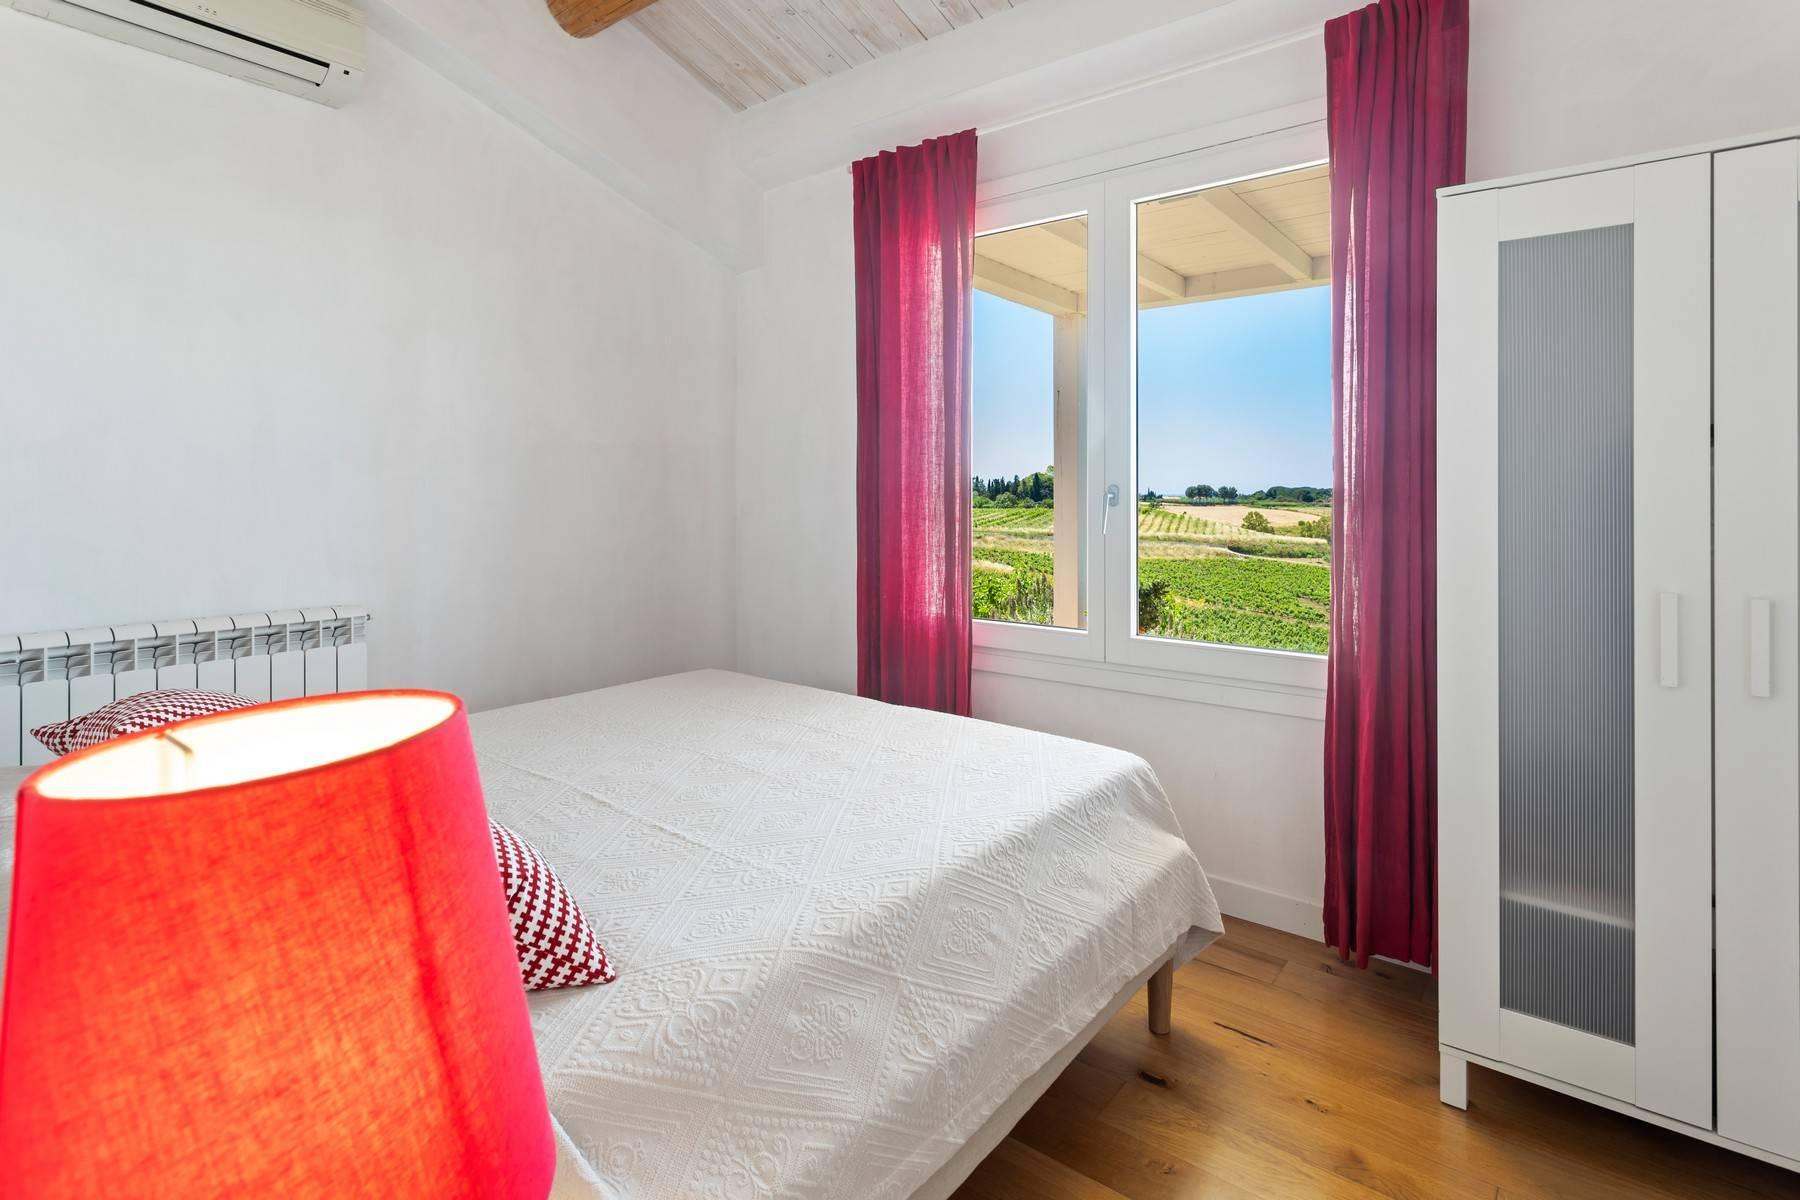 Villa in Vendita a Castelvetrano: 5 locali, 180 mq - Foto 21